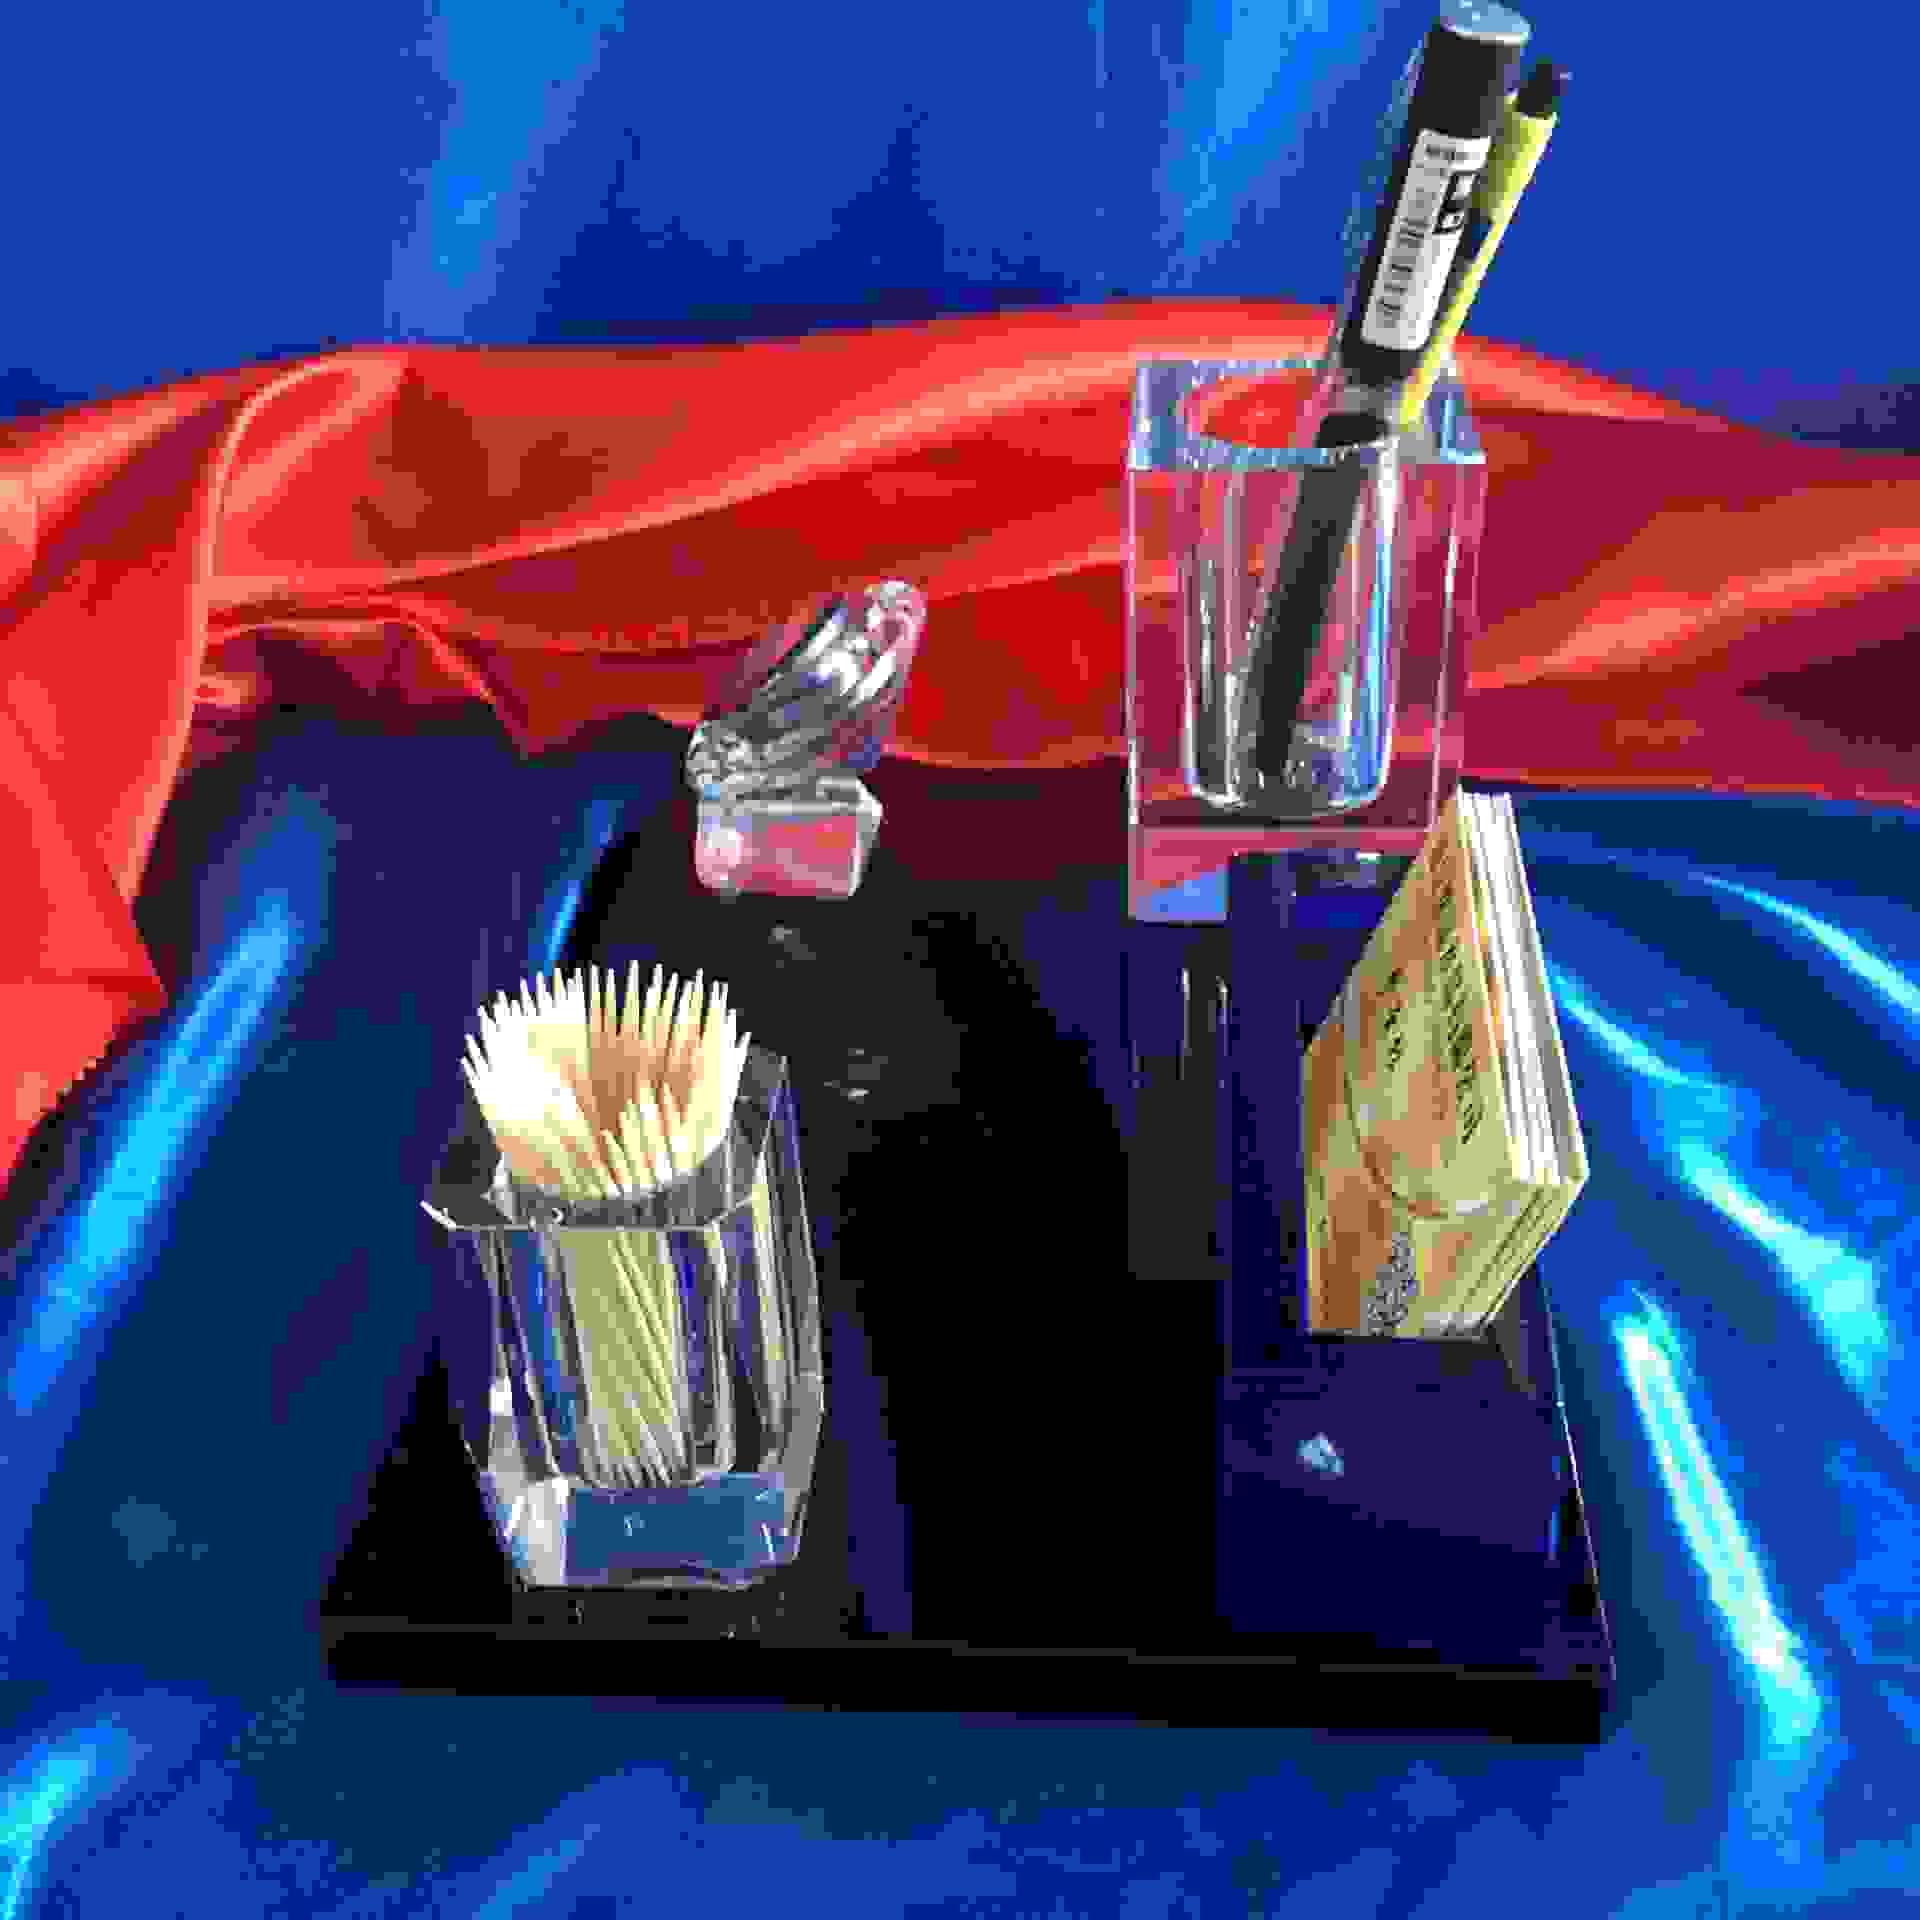 水晶摆件四件套组合 实用笔筒名片夹表座个性水晶办公摆件批发